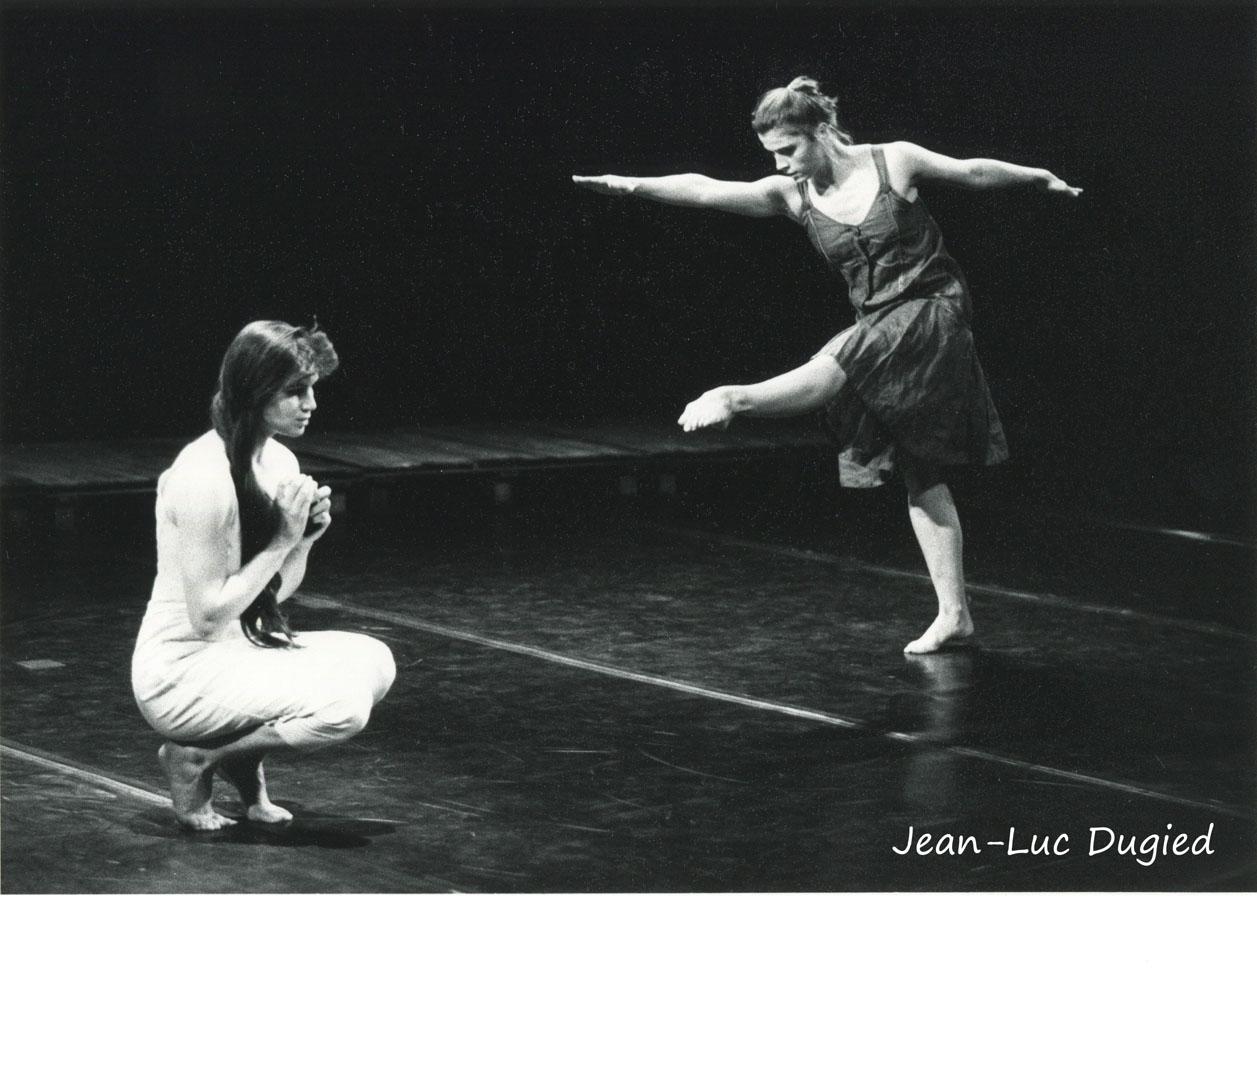 47 Dugied Fabrice - le ciel de mousson - Pascale Bonnet et Geneviève Mazin - 1989